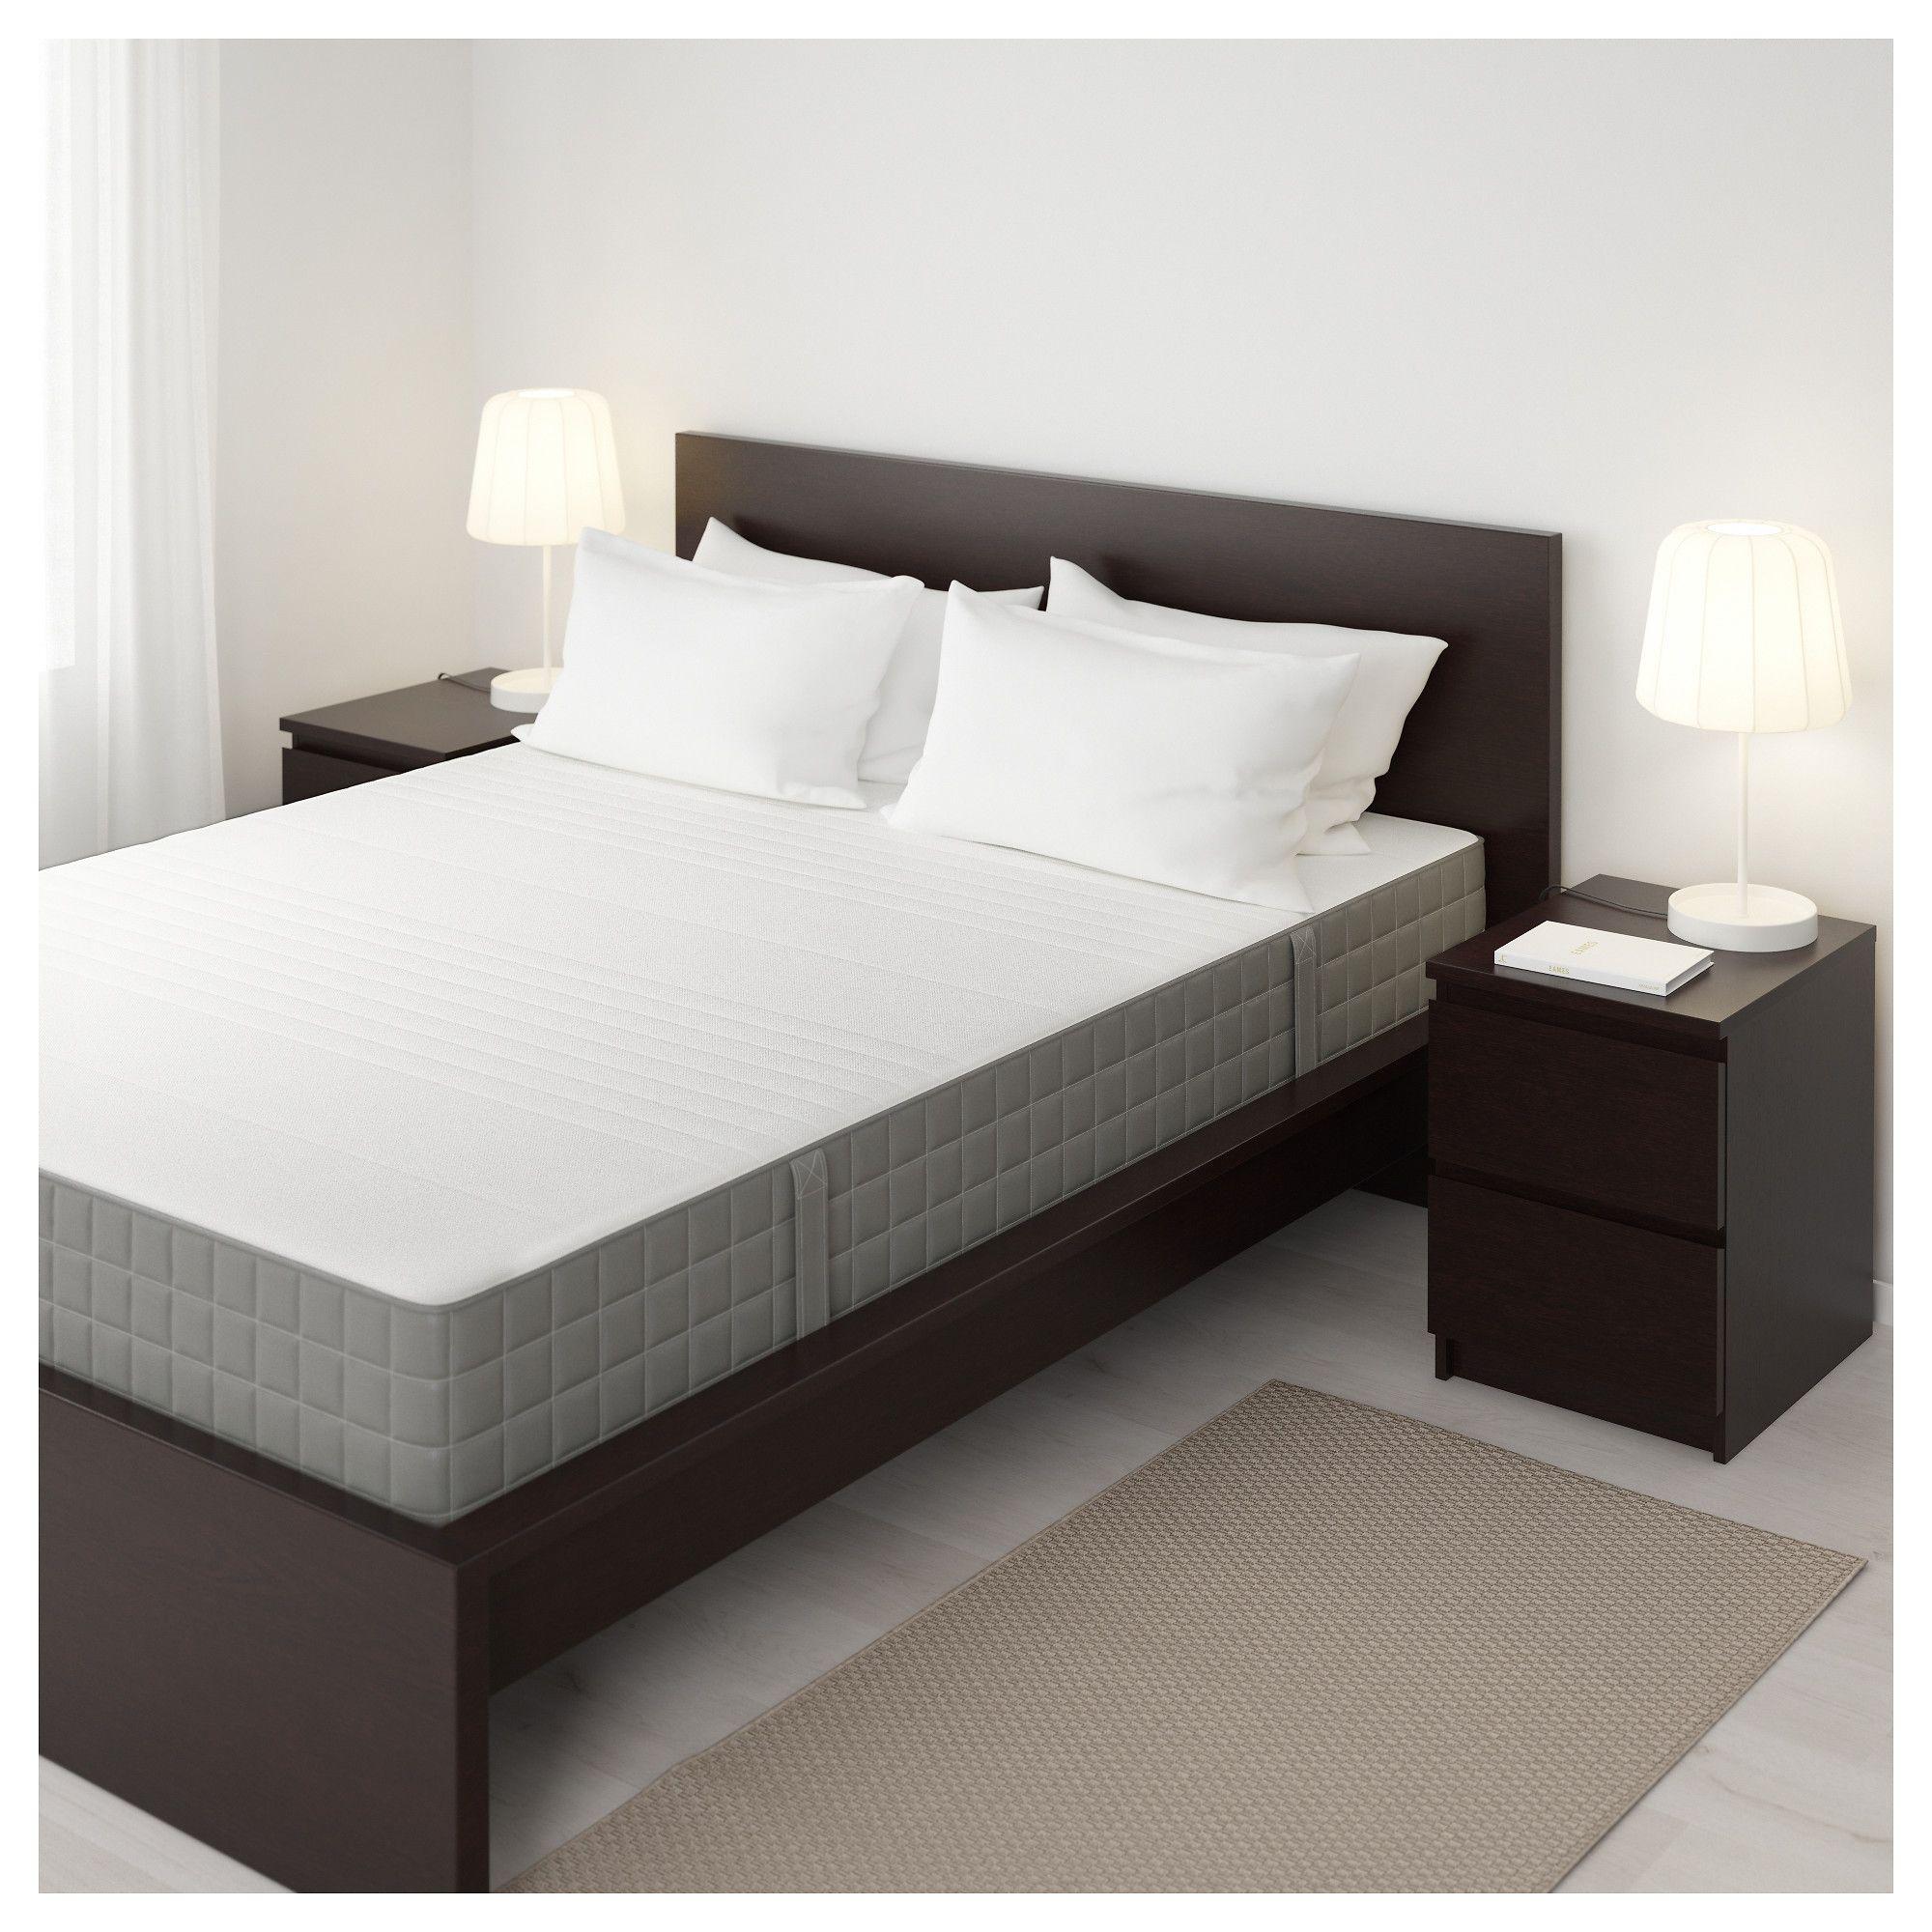 HAUGSVÄR Hybrid mattress medium firm, dark gray Queen